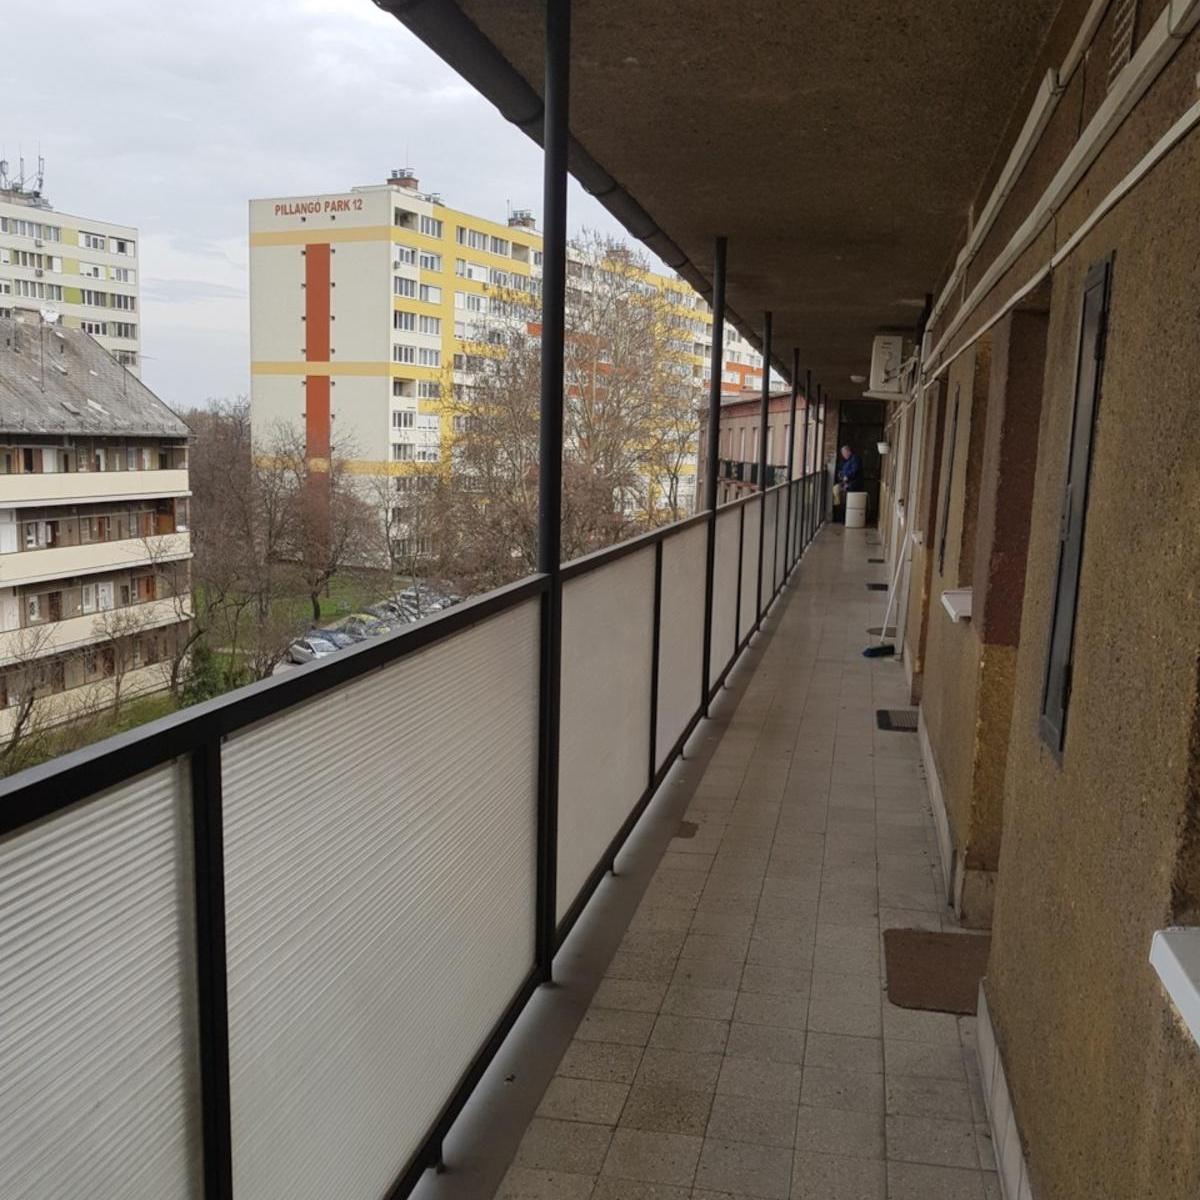 Kiadó  téglalakás (Budapest, XIV. kerületBudapest, XIV. kerület, Fogarasi út) 105 E  Ft/hó